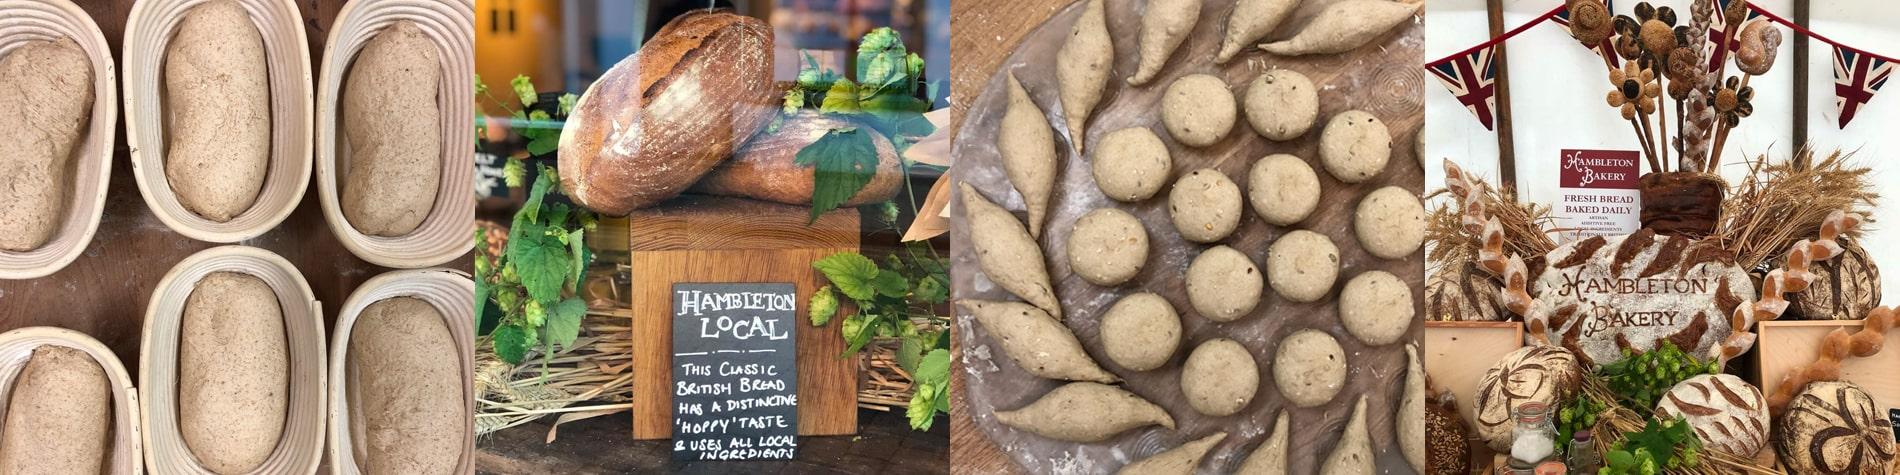 hambleton_healthy-bread-ingredients.jpg